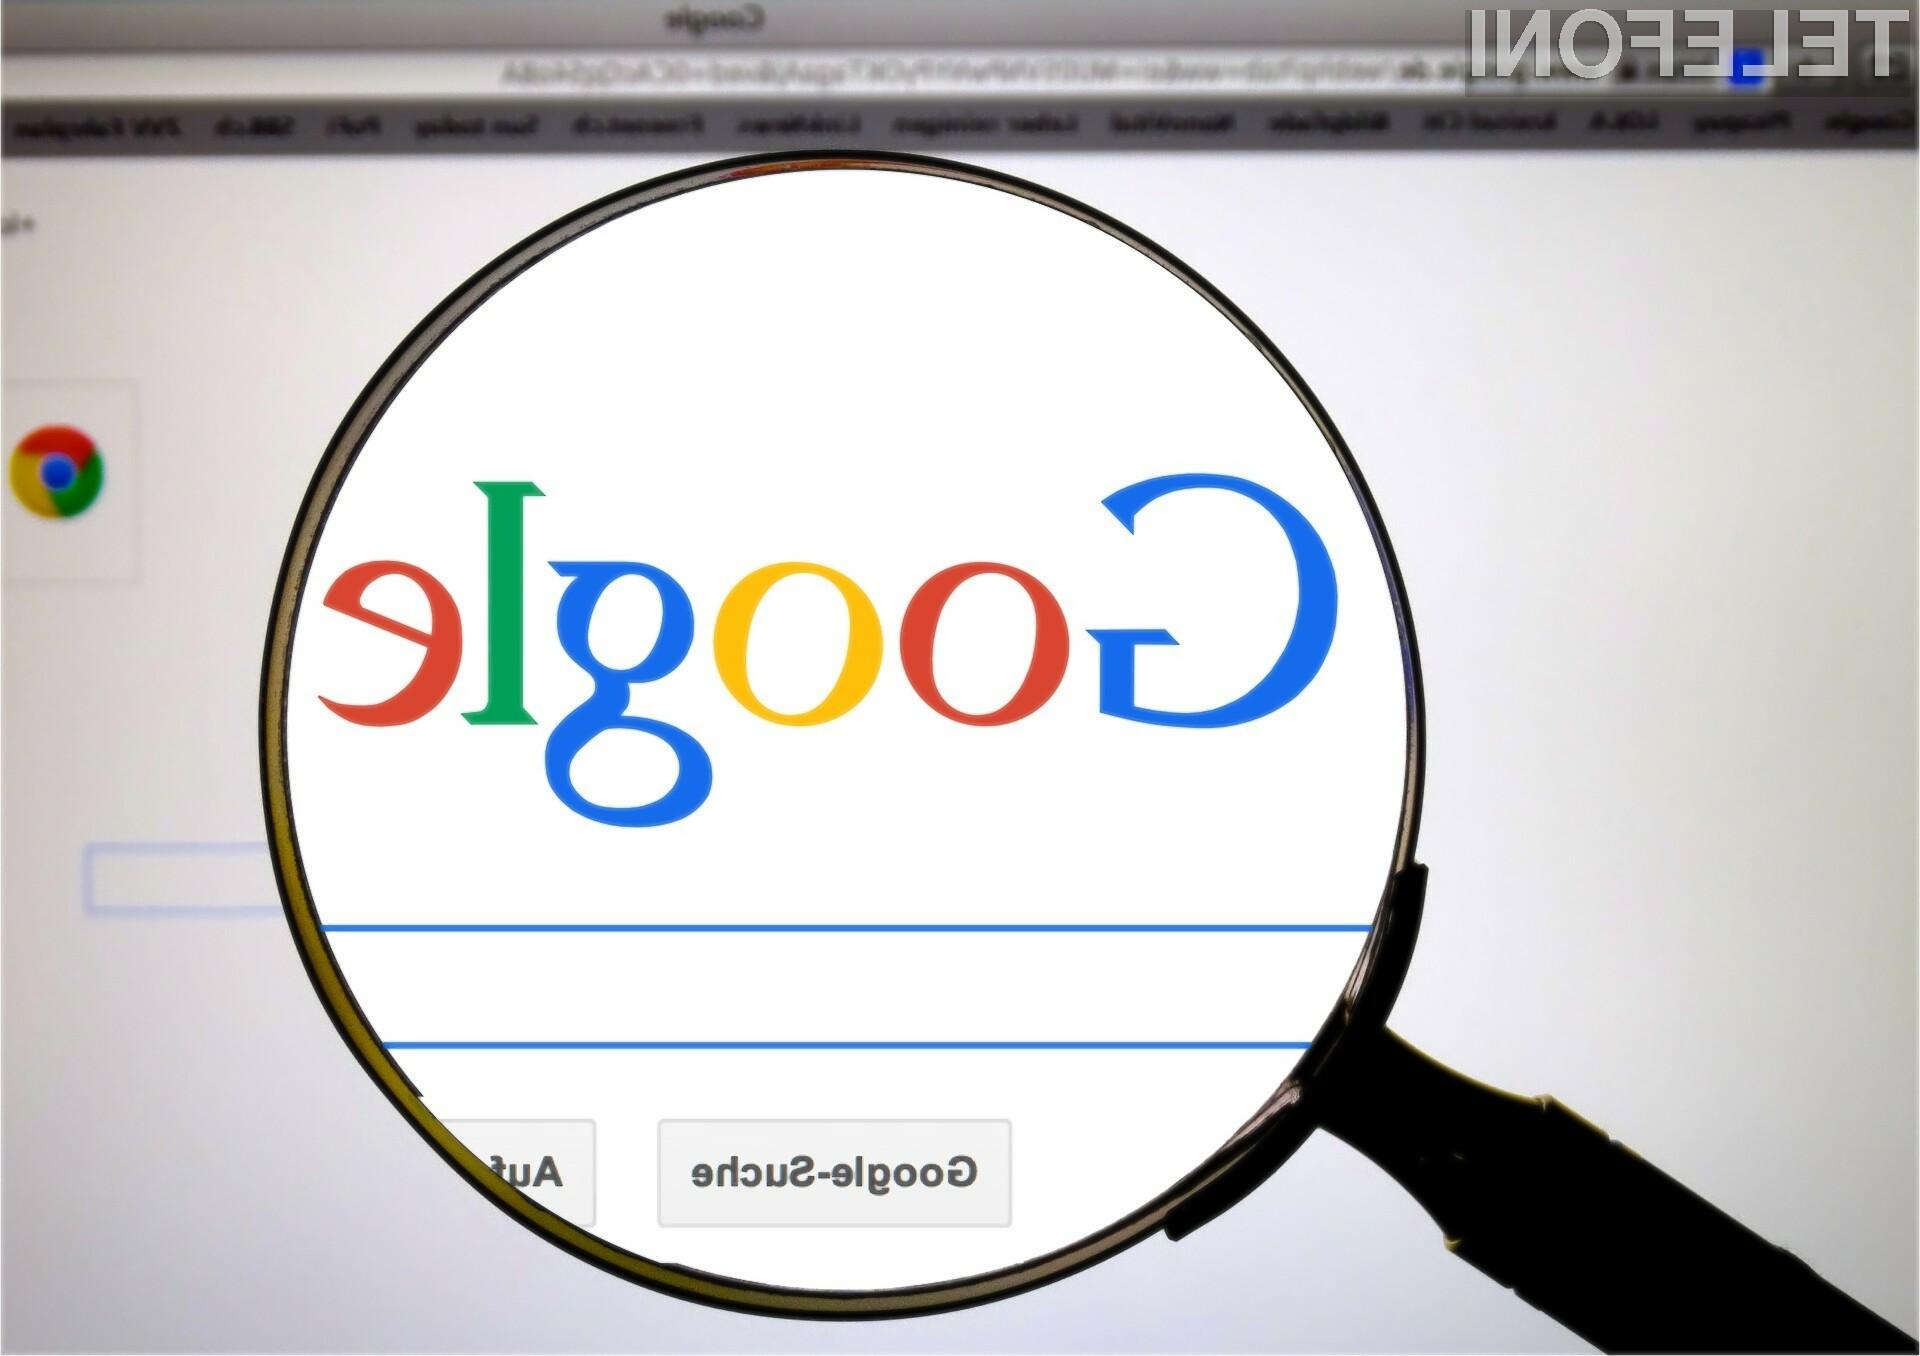 https://www.racunalniske-novice.com/novice/mobilna-telefonija/google/v-letu-2017-je-google-odstranil-32-milijarde-oglasov-90000-spletnih-strani-in-700000-mobilnih-aplikacij.html?RSS14653120ce8e8503e13360530e9771ce